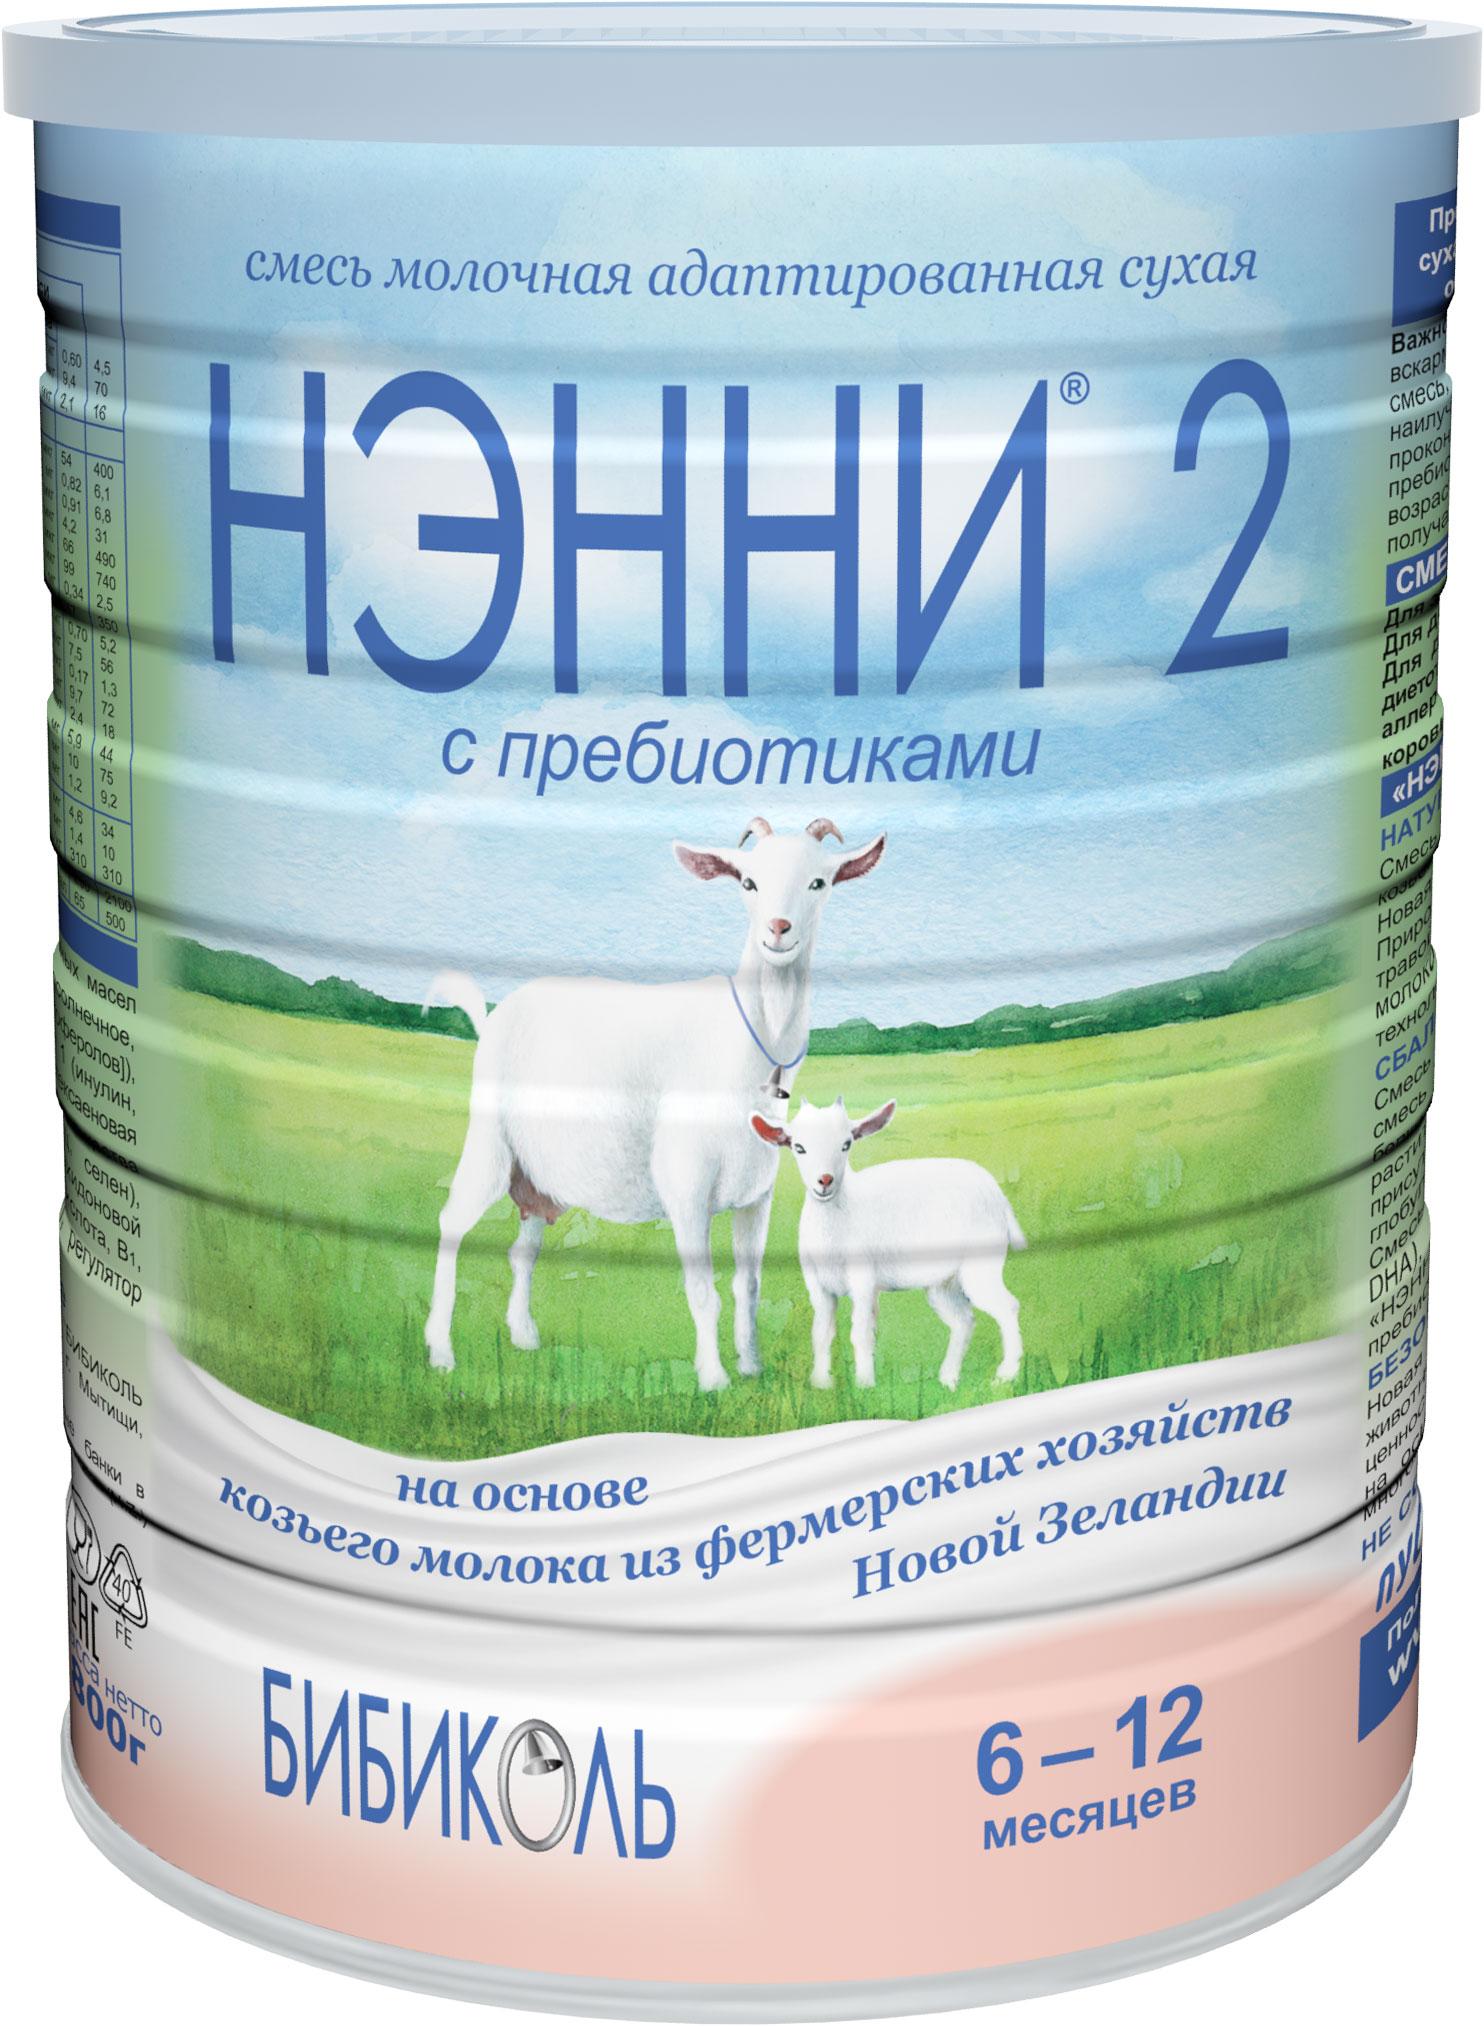 Молочные смеси Бибиколь БИБИКОЛЬ Нэнни 2 с пребиотиками (с 6 месяцев) 800 г нэнни молочная смесь нэнни 2 с пребиотиками с 6 мес